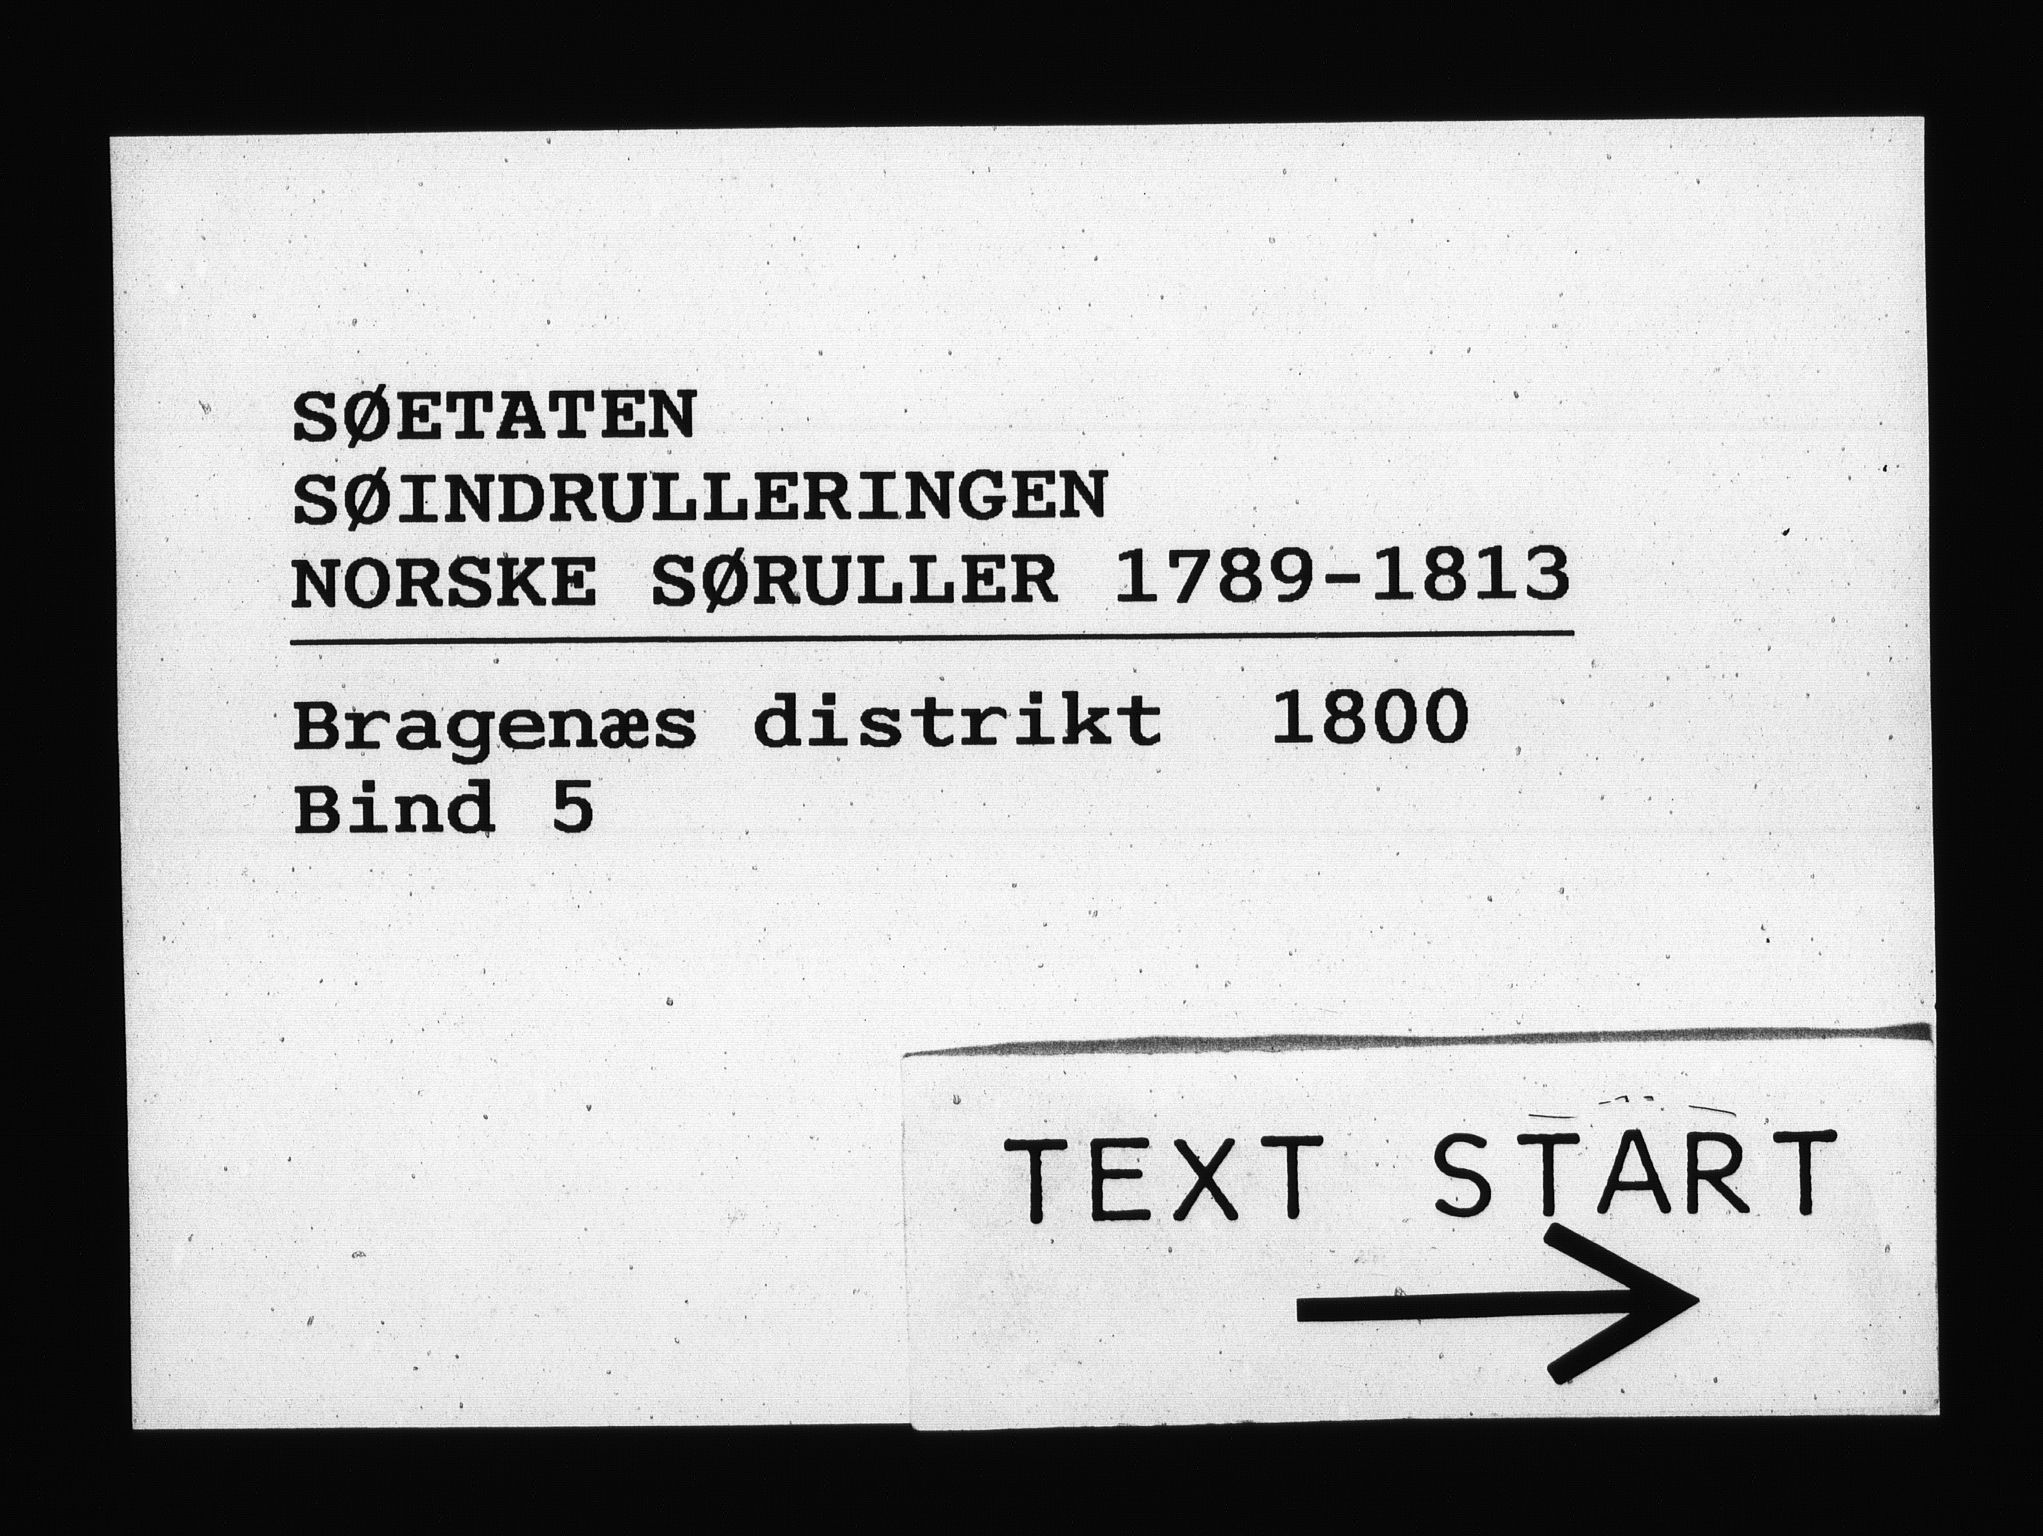 RA, Sjøetaten, F/L0132: Bragernes distrikt, bind 5, 1800